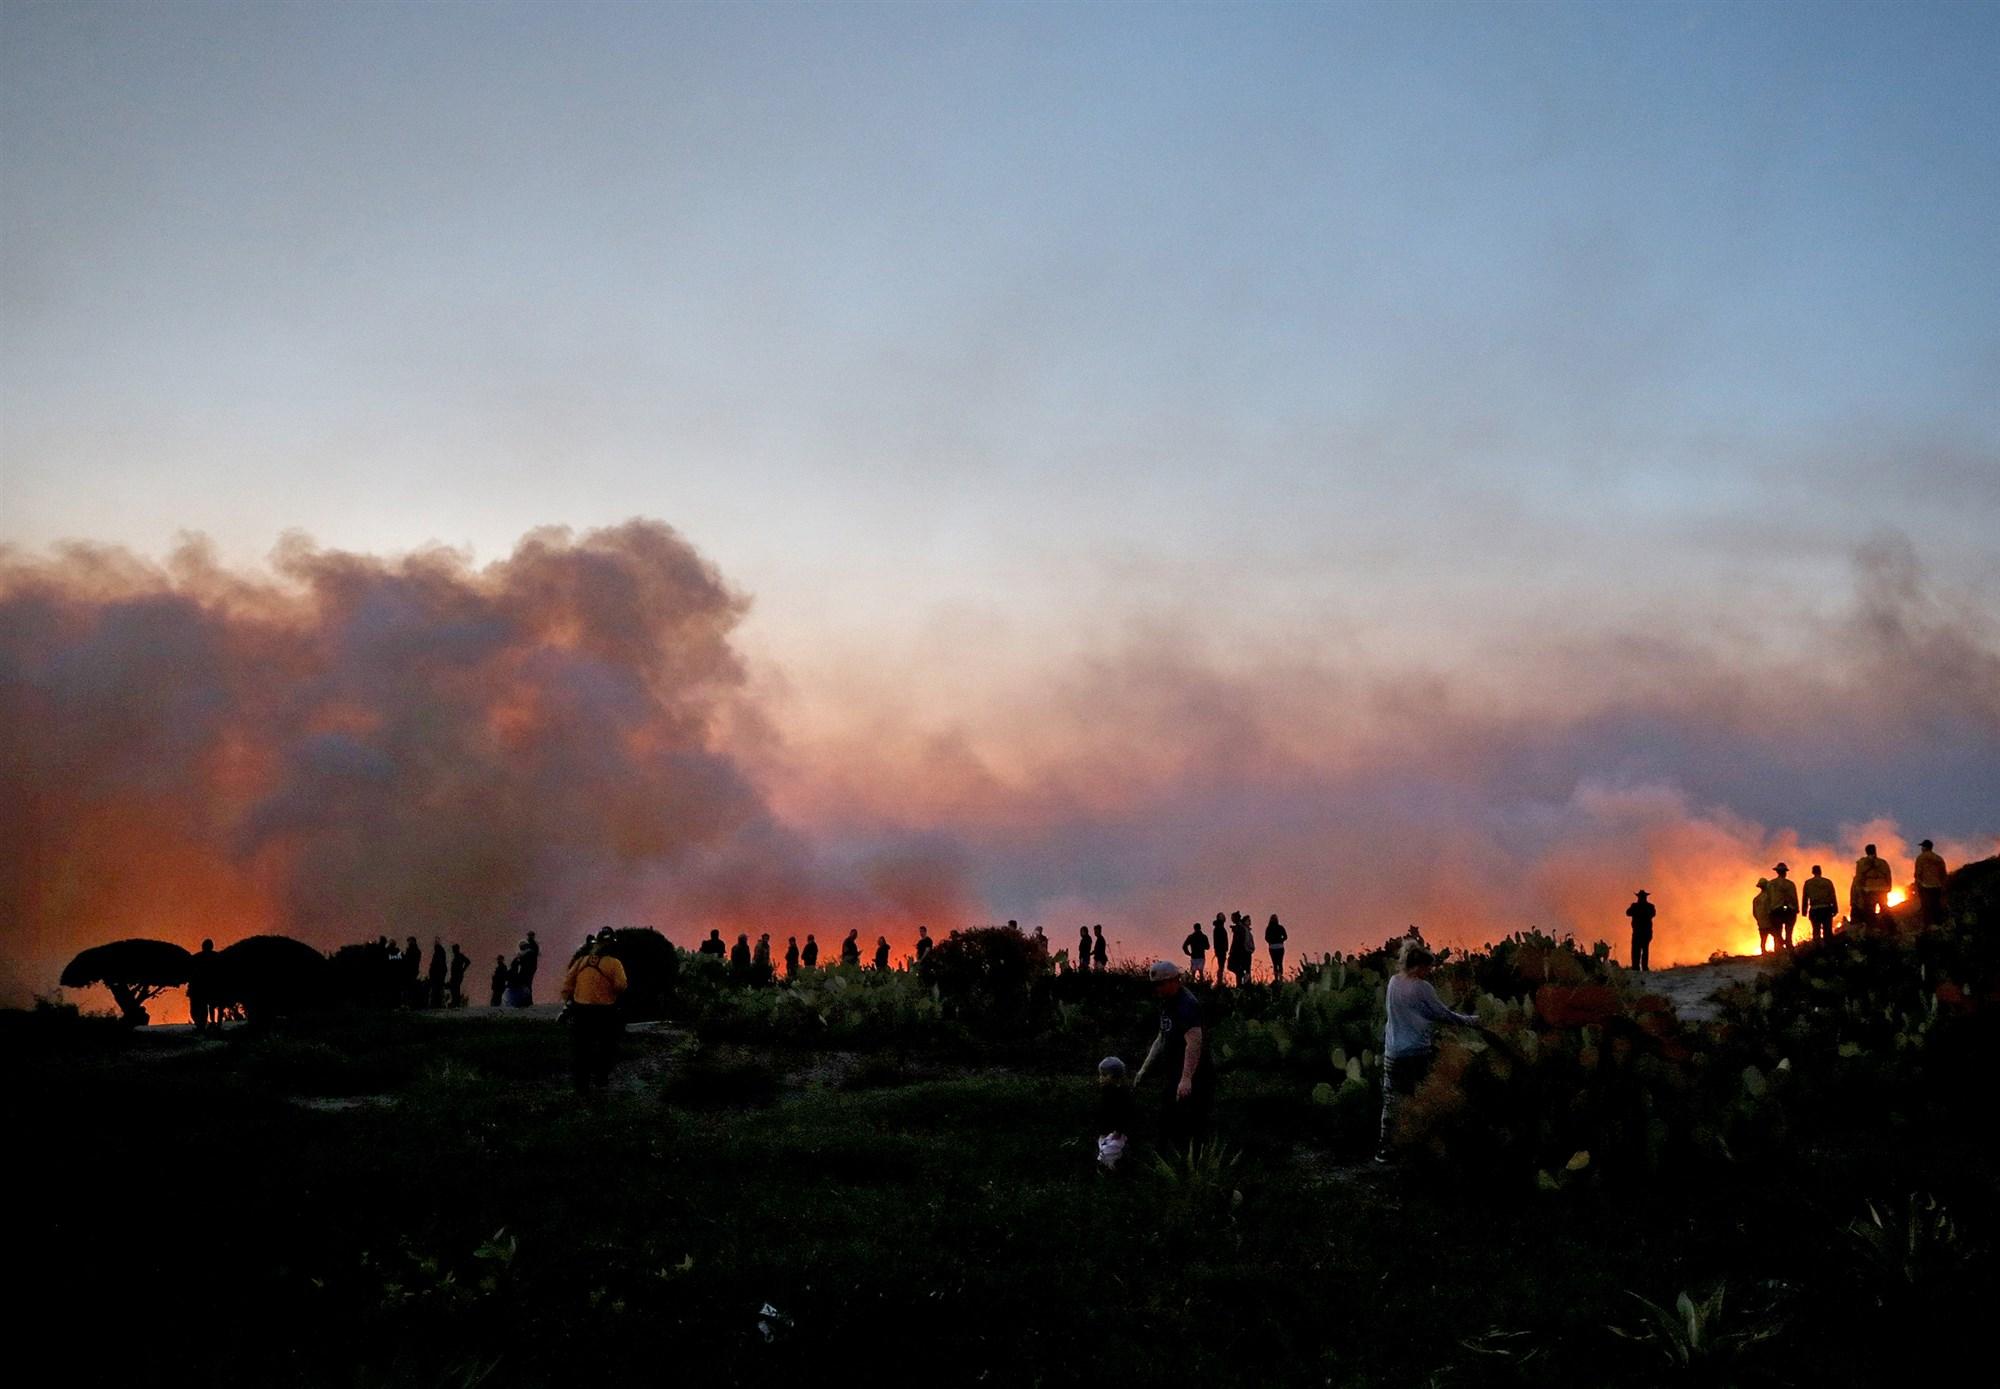 橙县大火更新:西尔维拉多大火燃烧面积达12,600英亩,控制率5%;蓝岭大火燃烧15,200英亩,控制率零